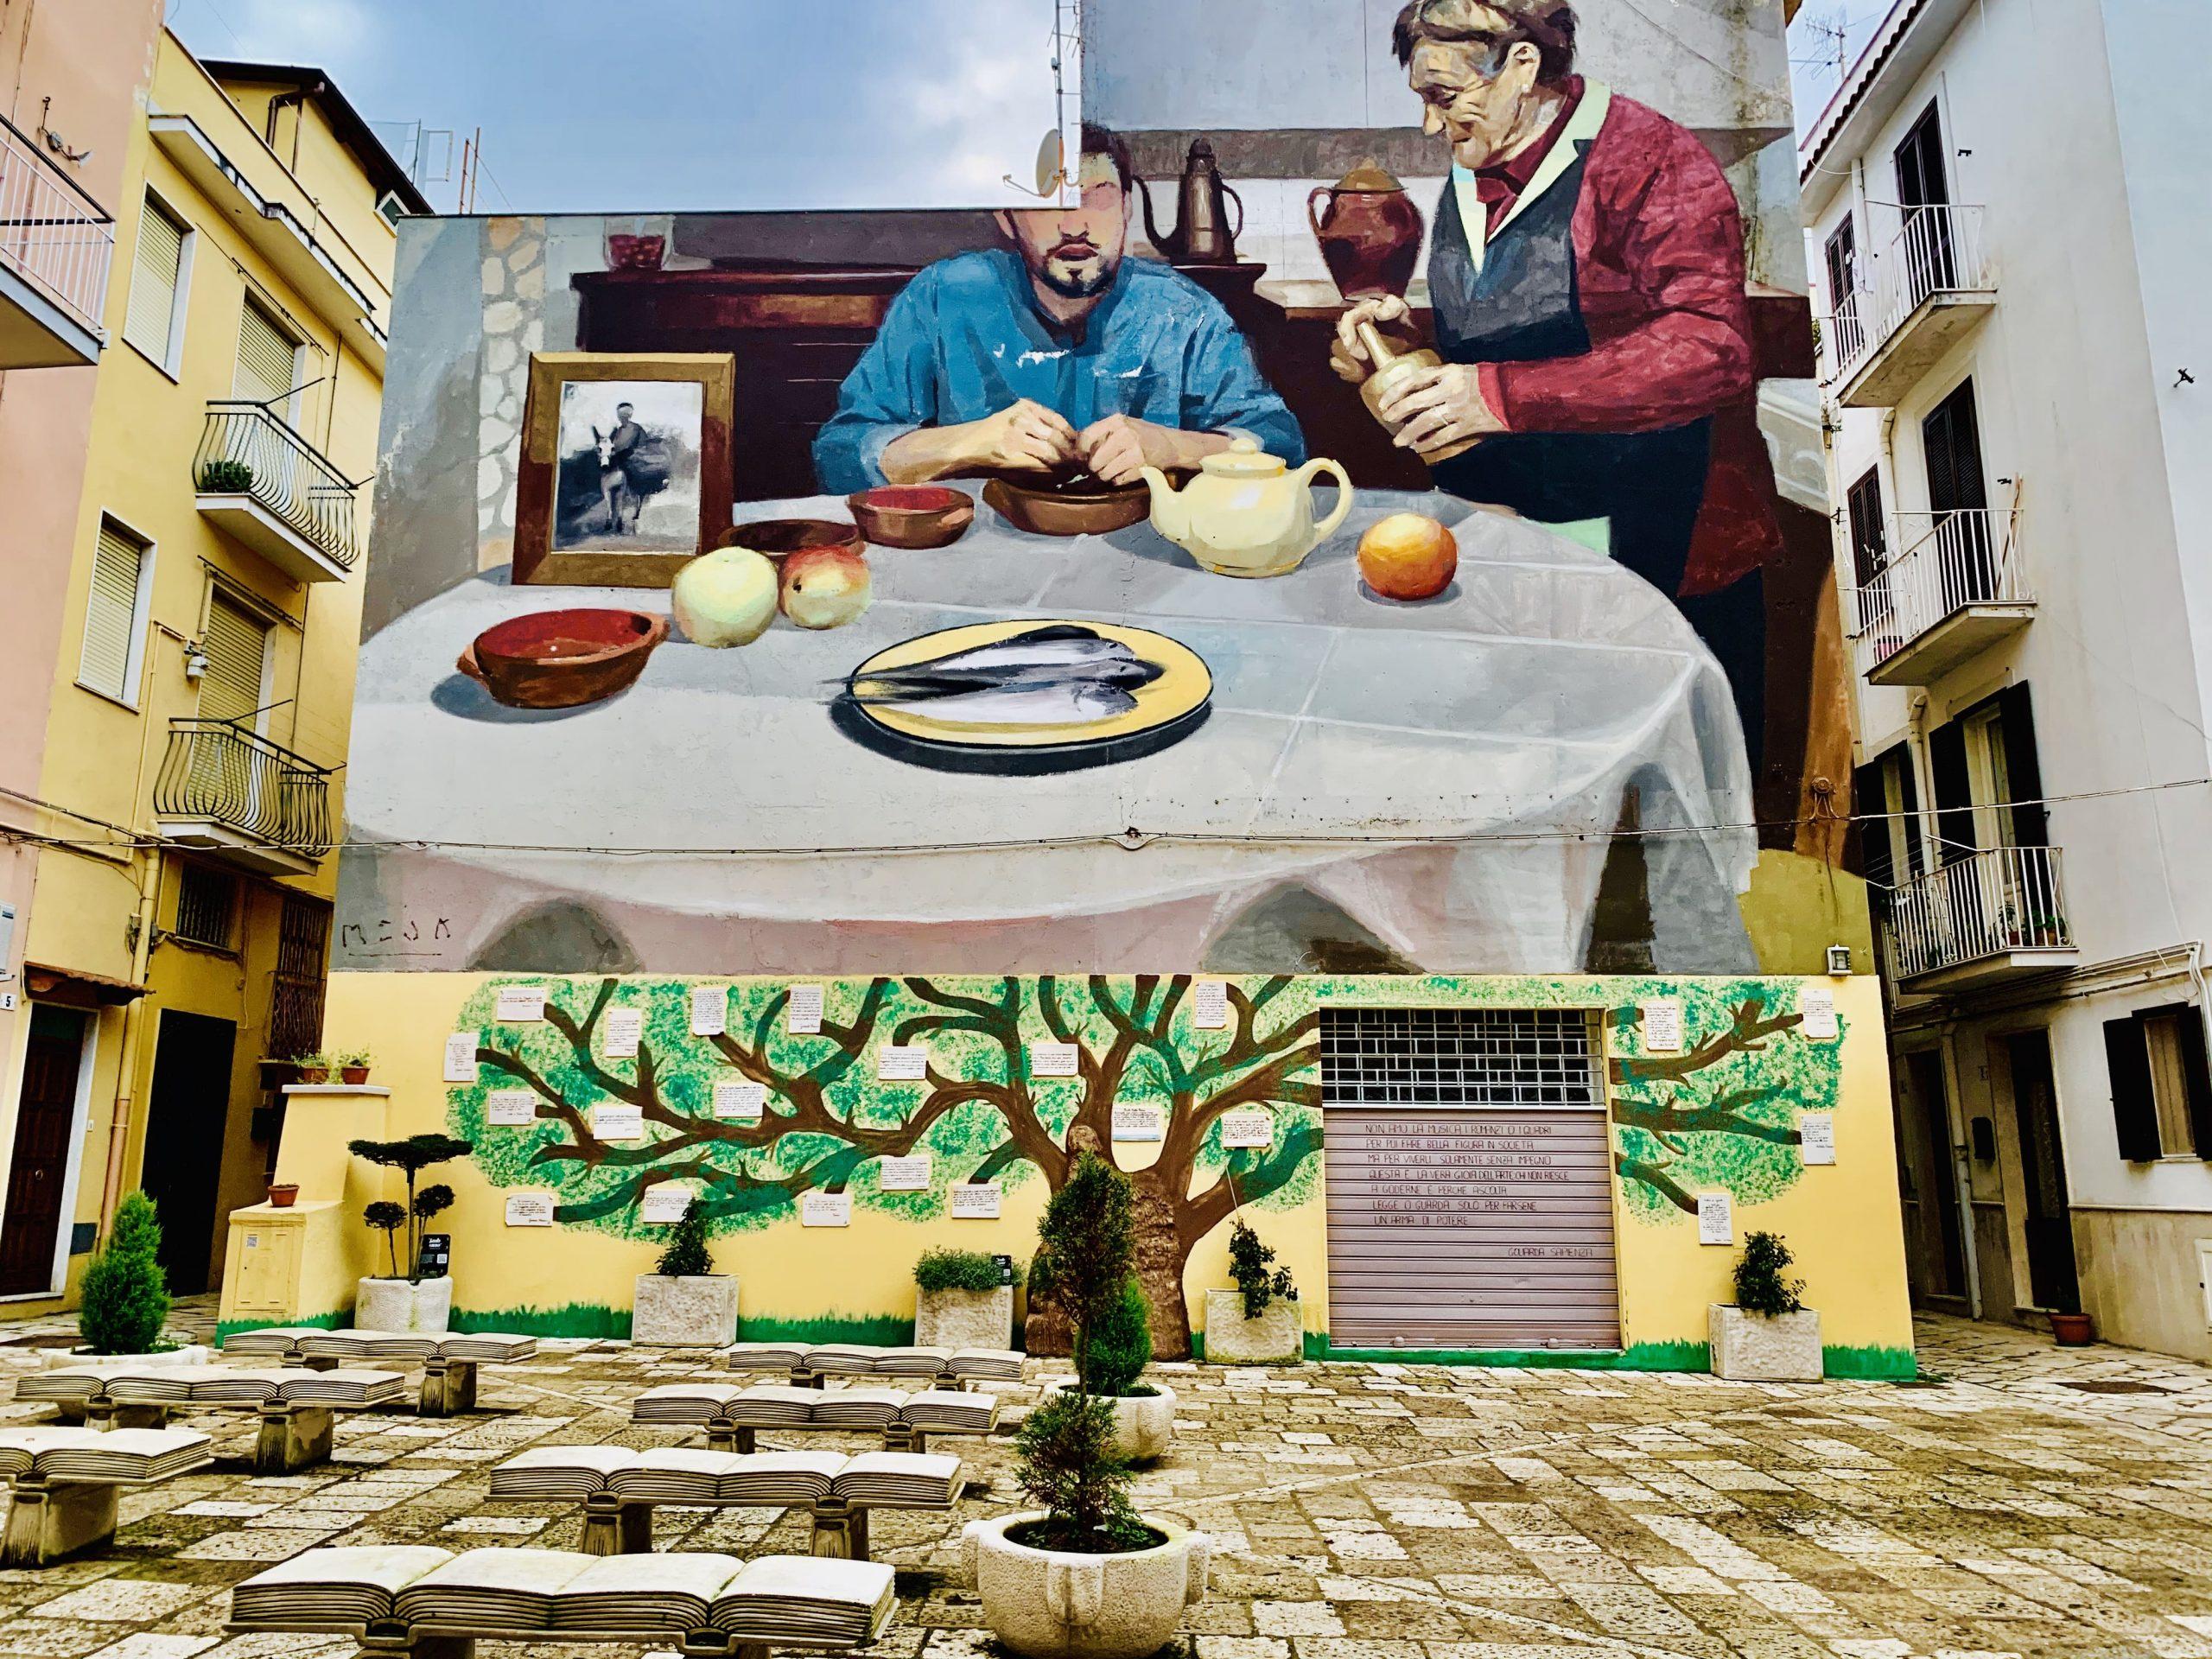 A Gaeta è stata inaugurata una poazza dedicata alla scrittrice Goliarda Sapienza, che ha vissuto nella città dedicandosi alla stesura del suo romanzo più famoso: L'arte della gioia